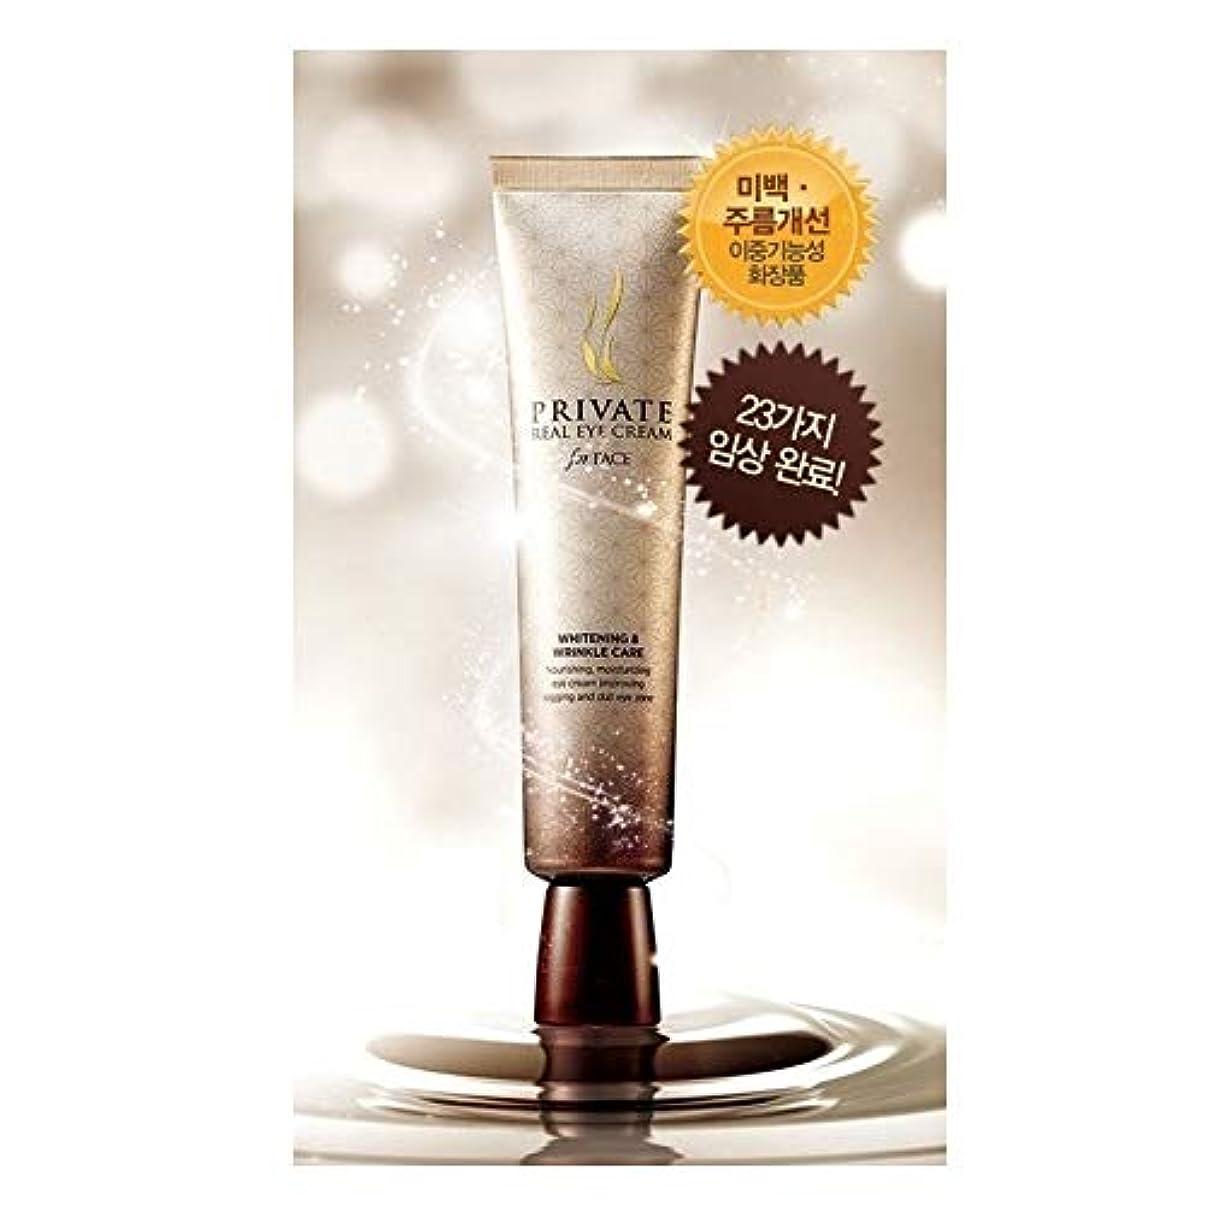 あなたはクラフトぺディカブAHCブラックキャビアスキンケアセットトナーローションクリームアイクリームアンプル、AHC Black Caviar Skincare Set Toner Lotion Cream Eye Cream Ampoule [...